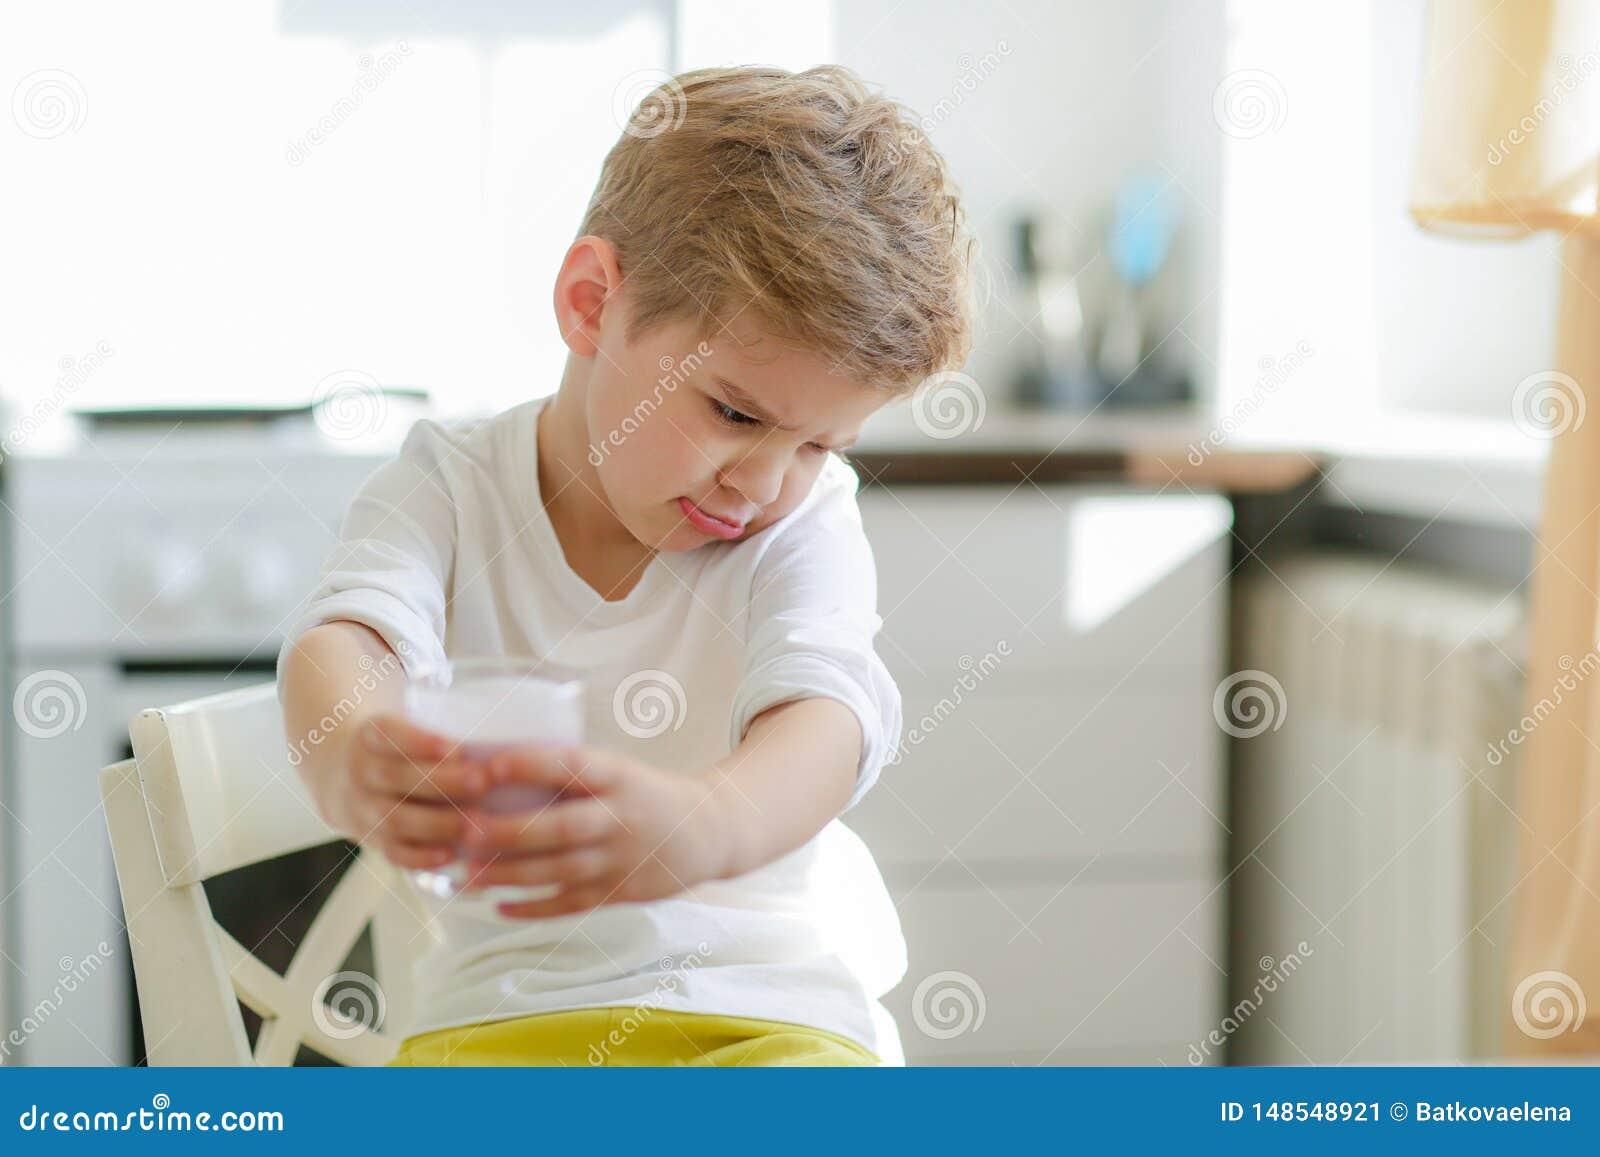 Crian?a ou menino feliz louro que comem na tabela Inf?ncia e felicidade, independ?ncia Caf? da manh?, manh?, fam?lia Menino peque